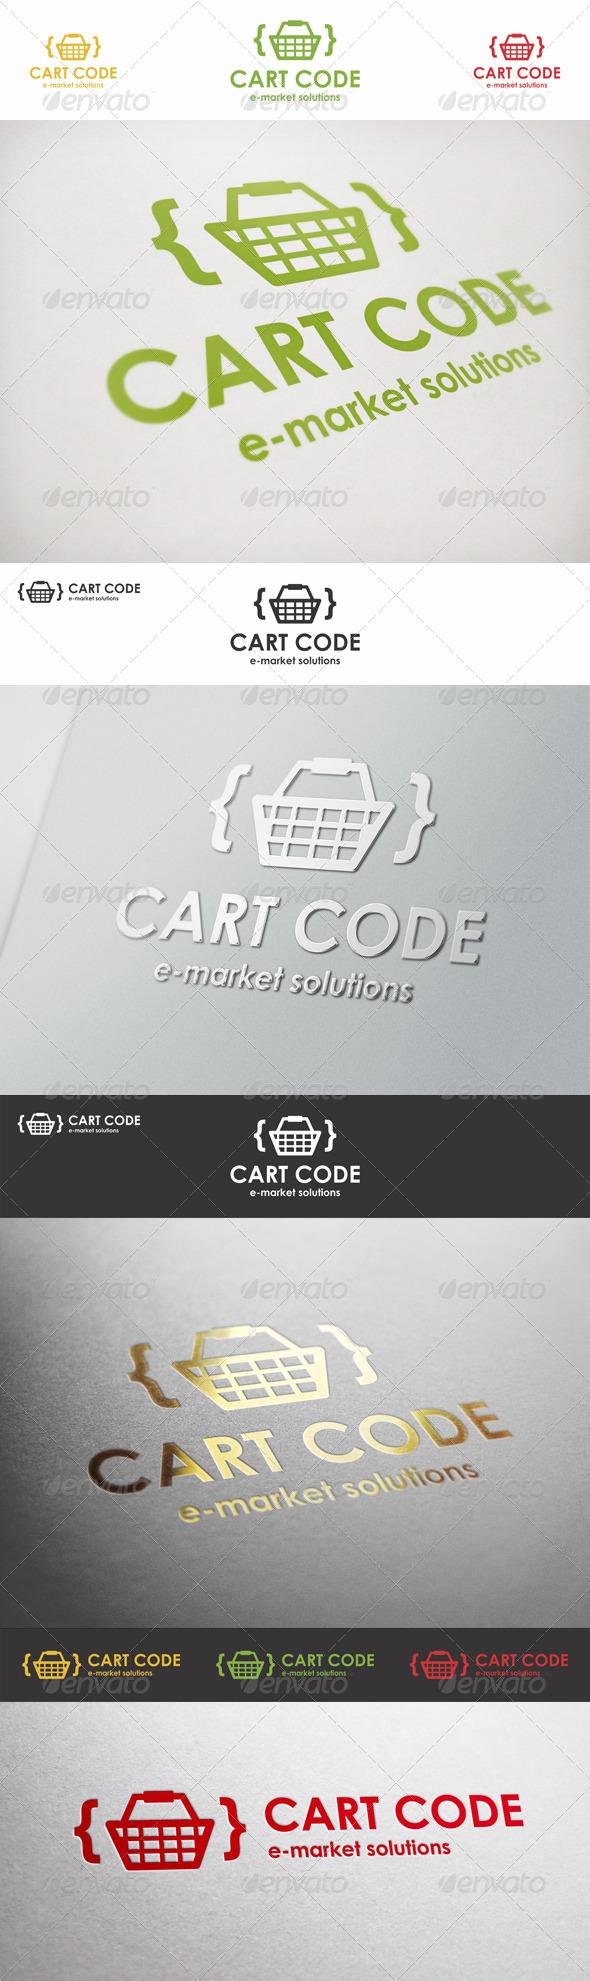 GraphicRiver Cart Code E-Market Logo 6612554